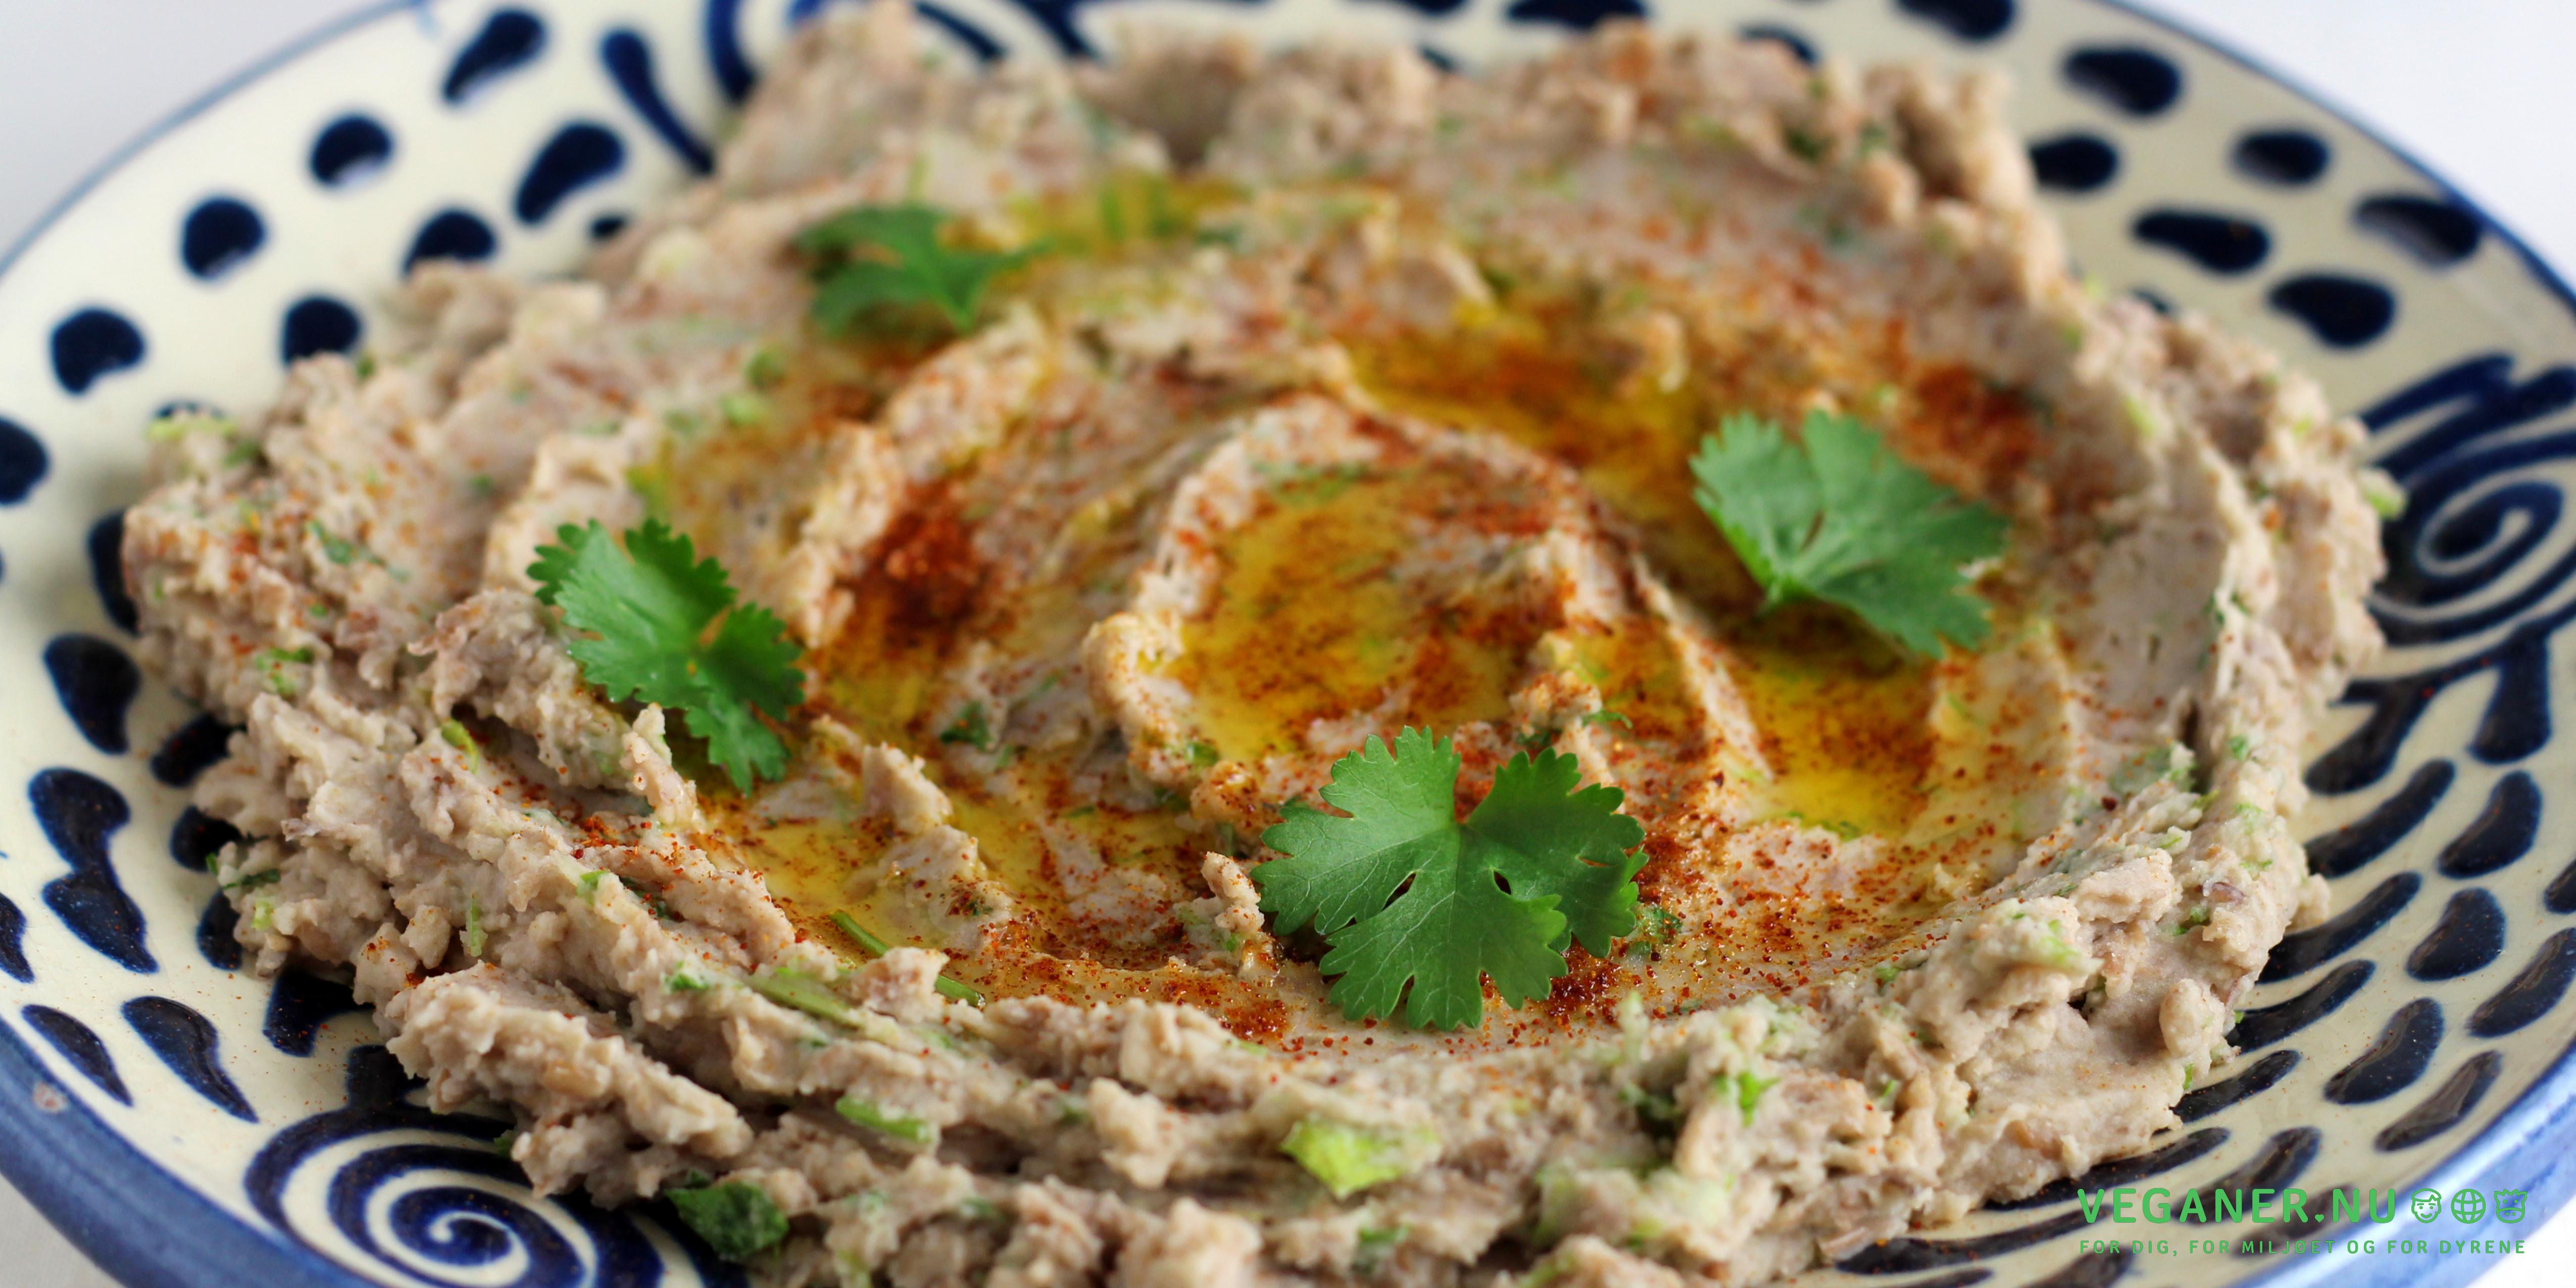 Pintobønnehummus med frisk koriander og lime